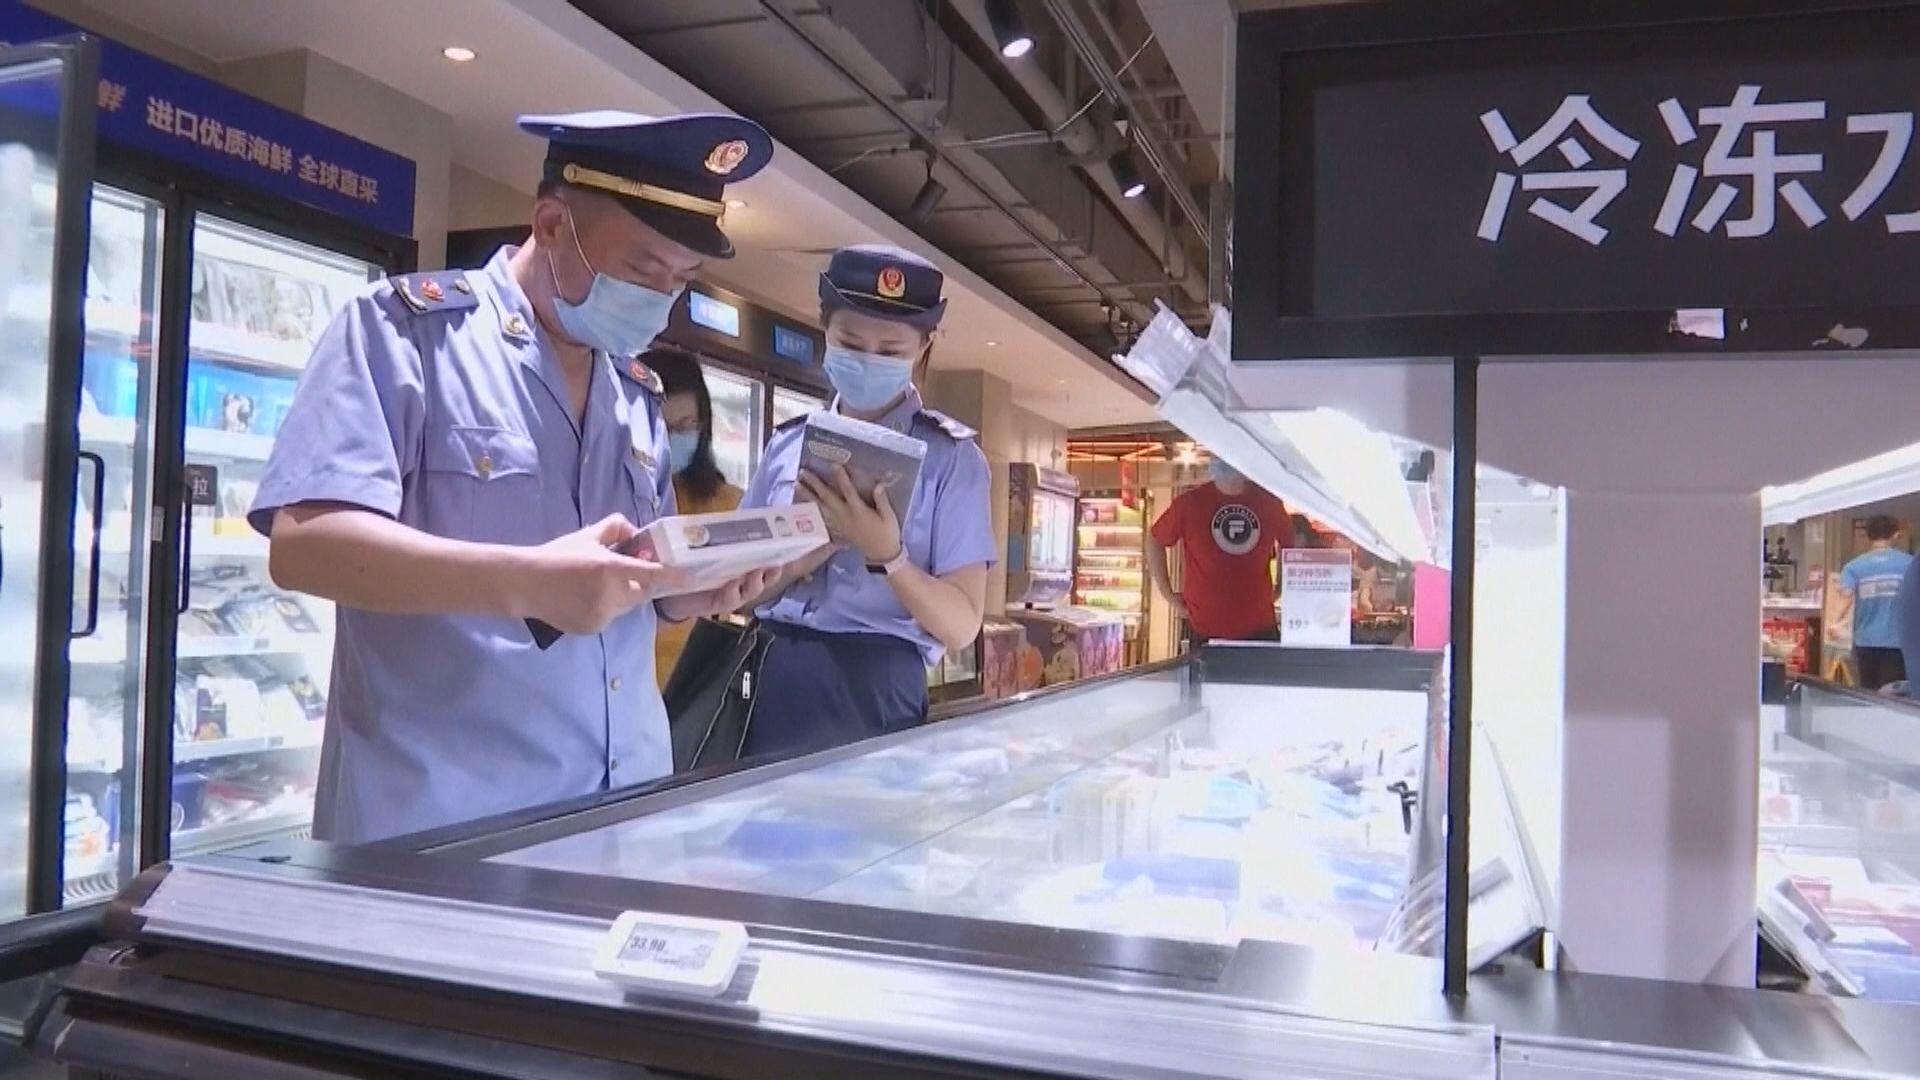 內地加強檢測及暫停部分冷凍食品入口 據報多國對此不滿